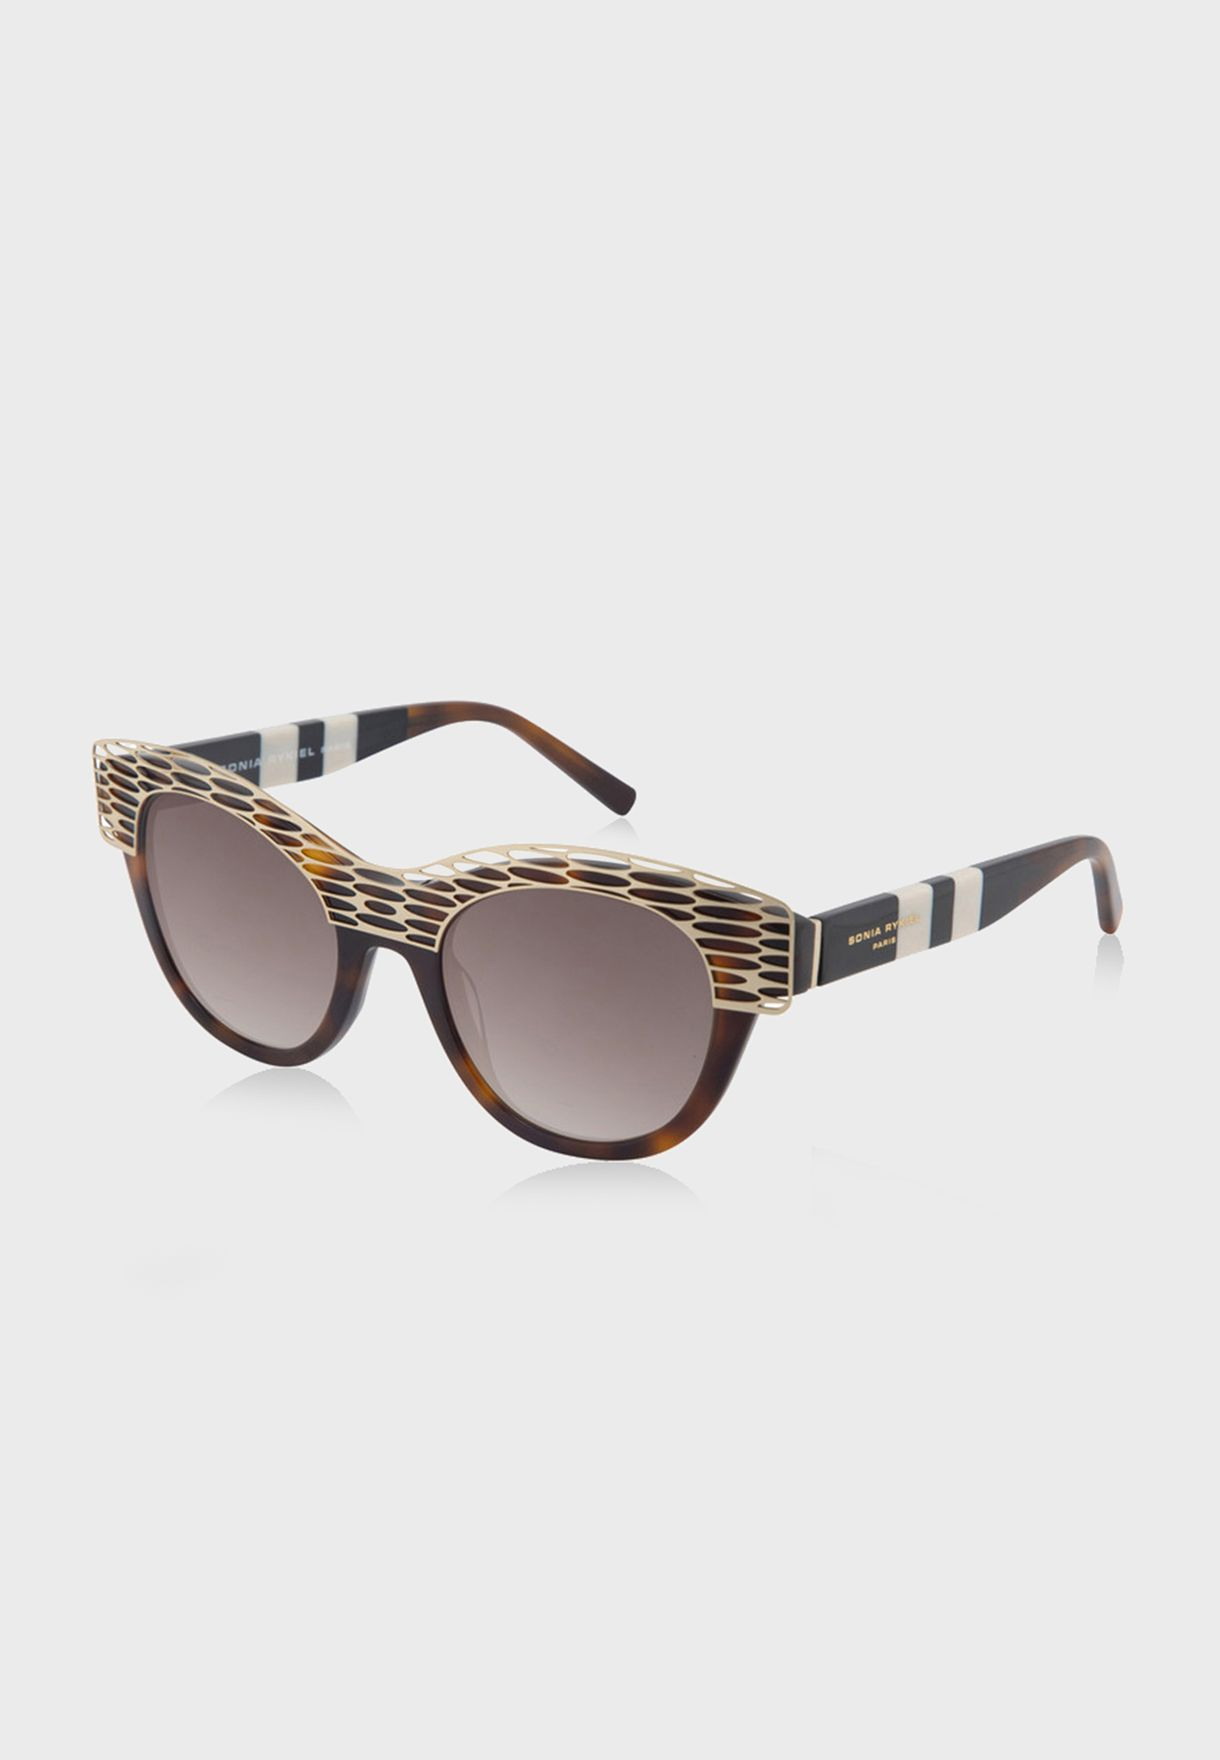 L SR778102 Oval Sunglasses